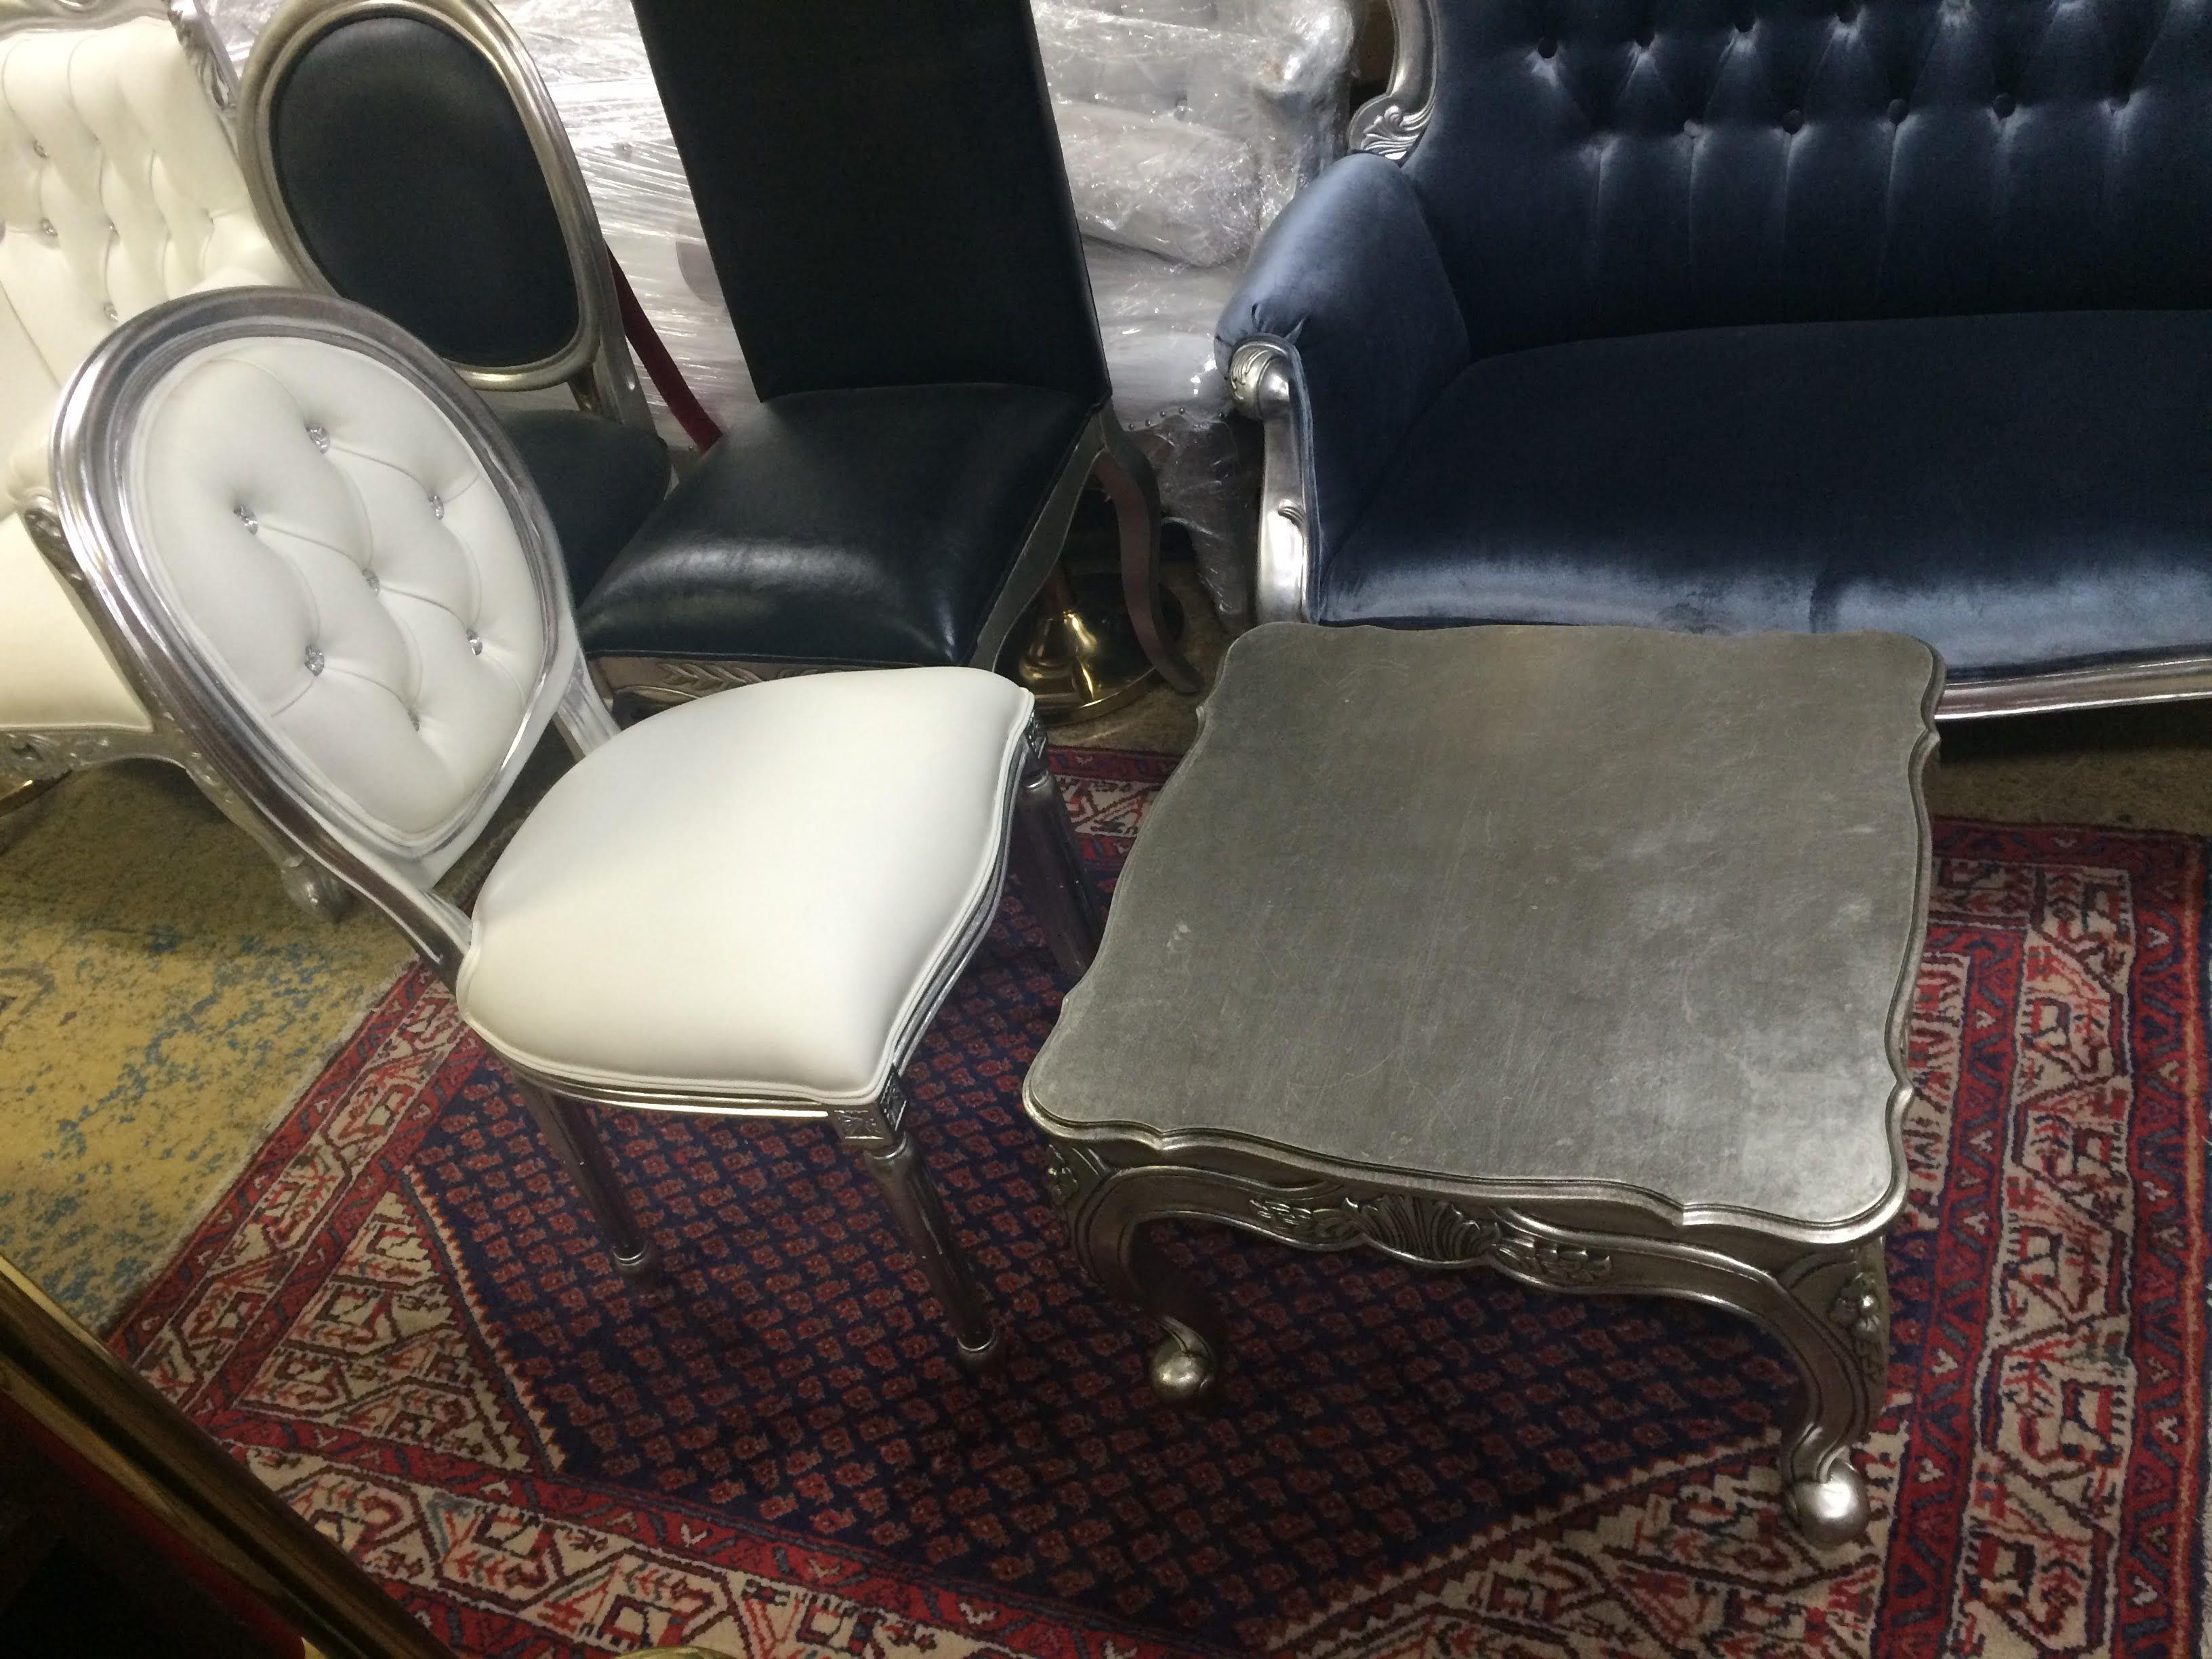 Vente et location de meubles baroques de charme Show Room sur